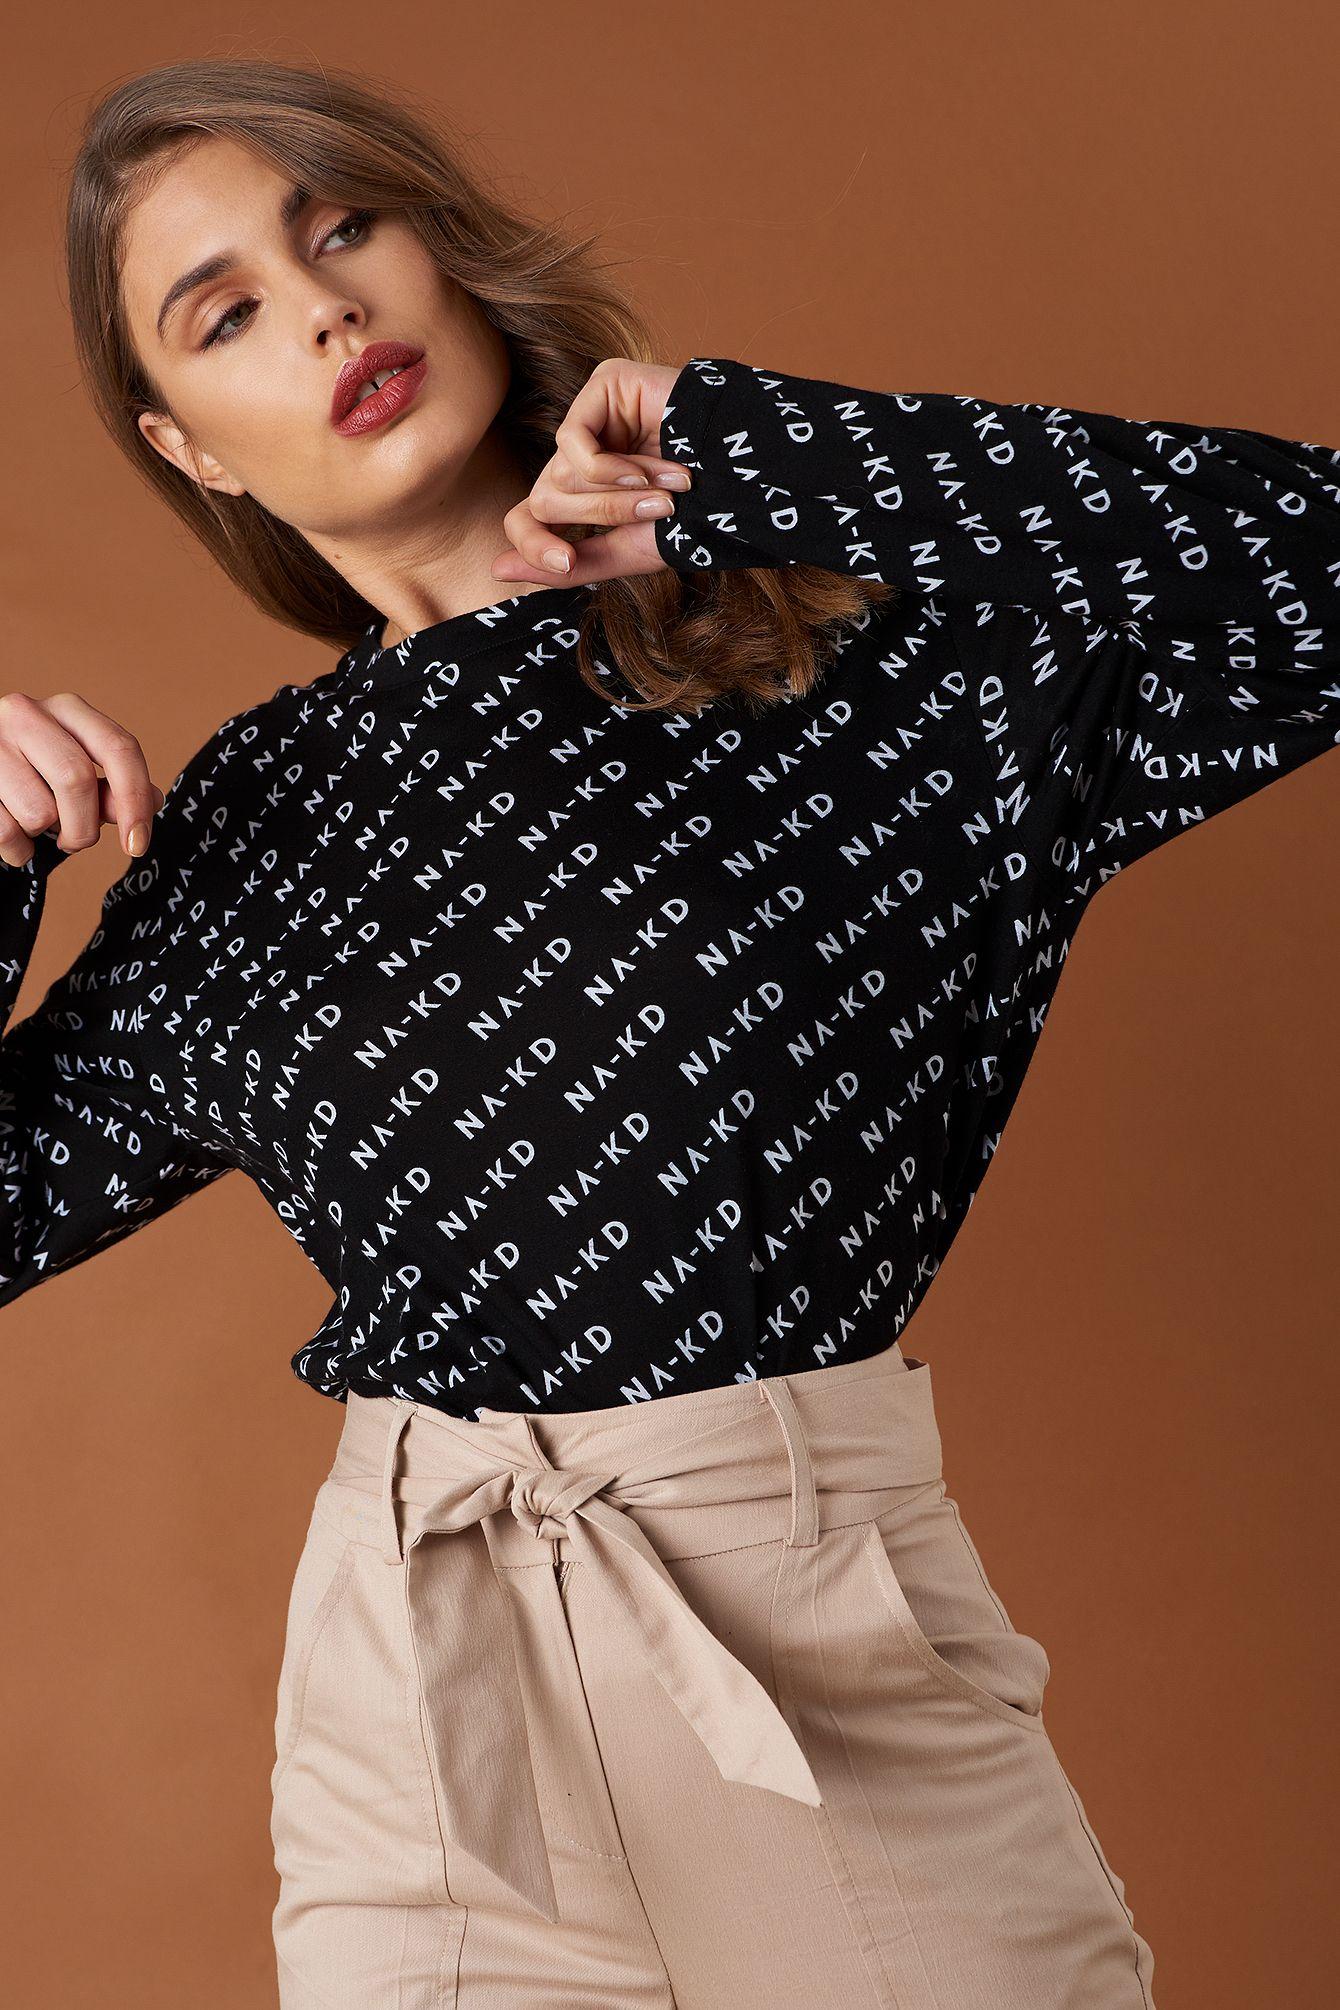 38e4af1c399 Branded Long Sleeve Top Black